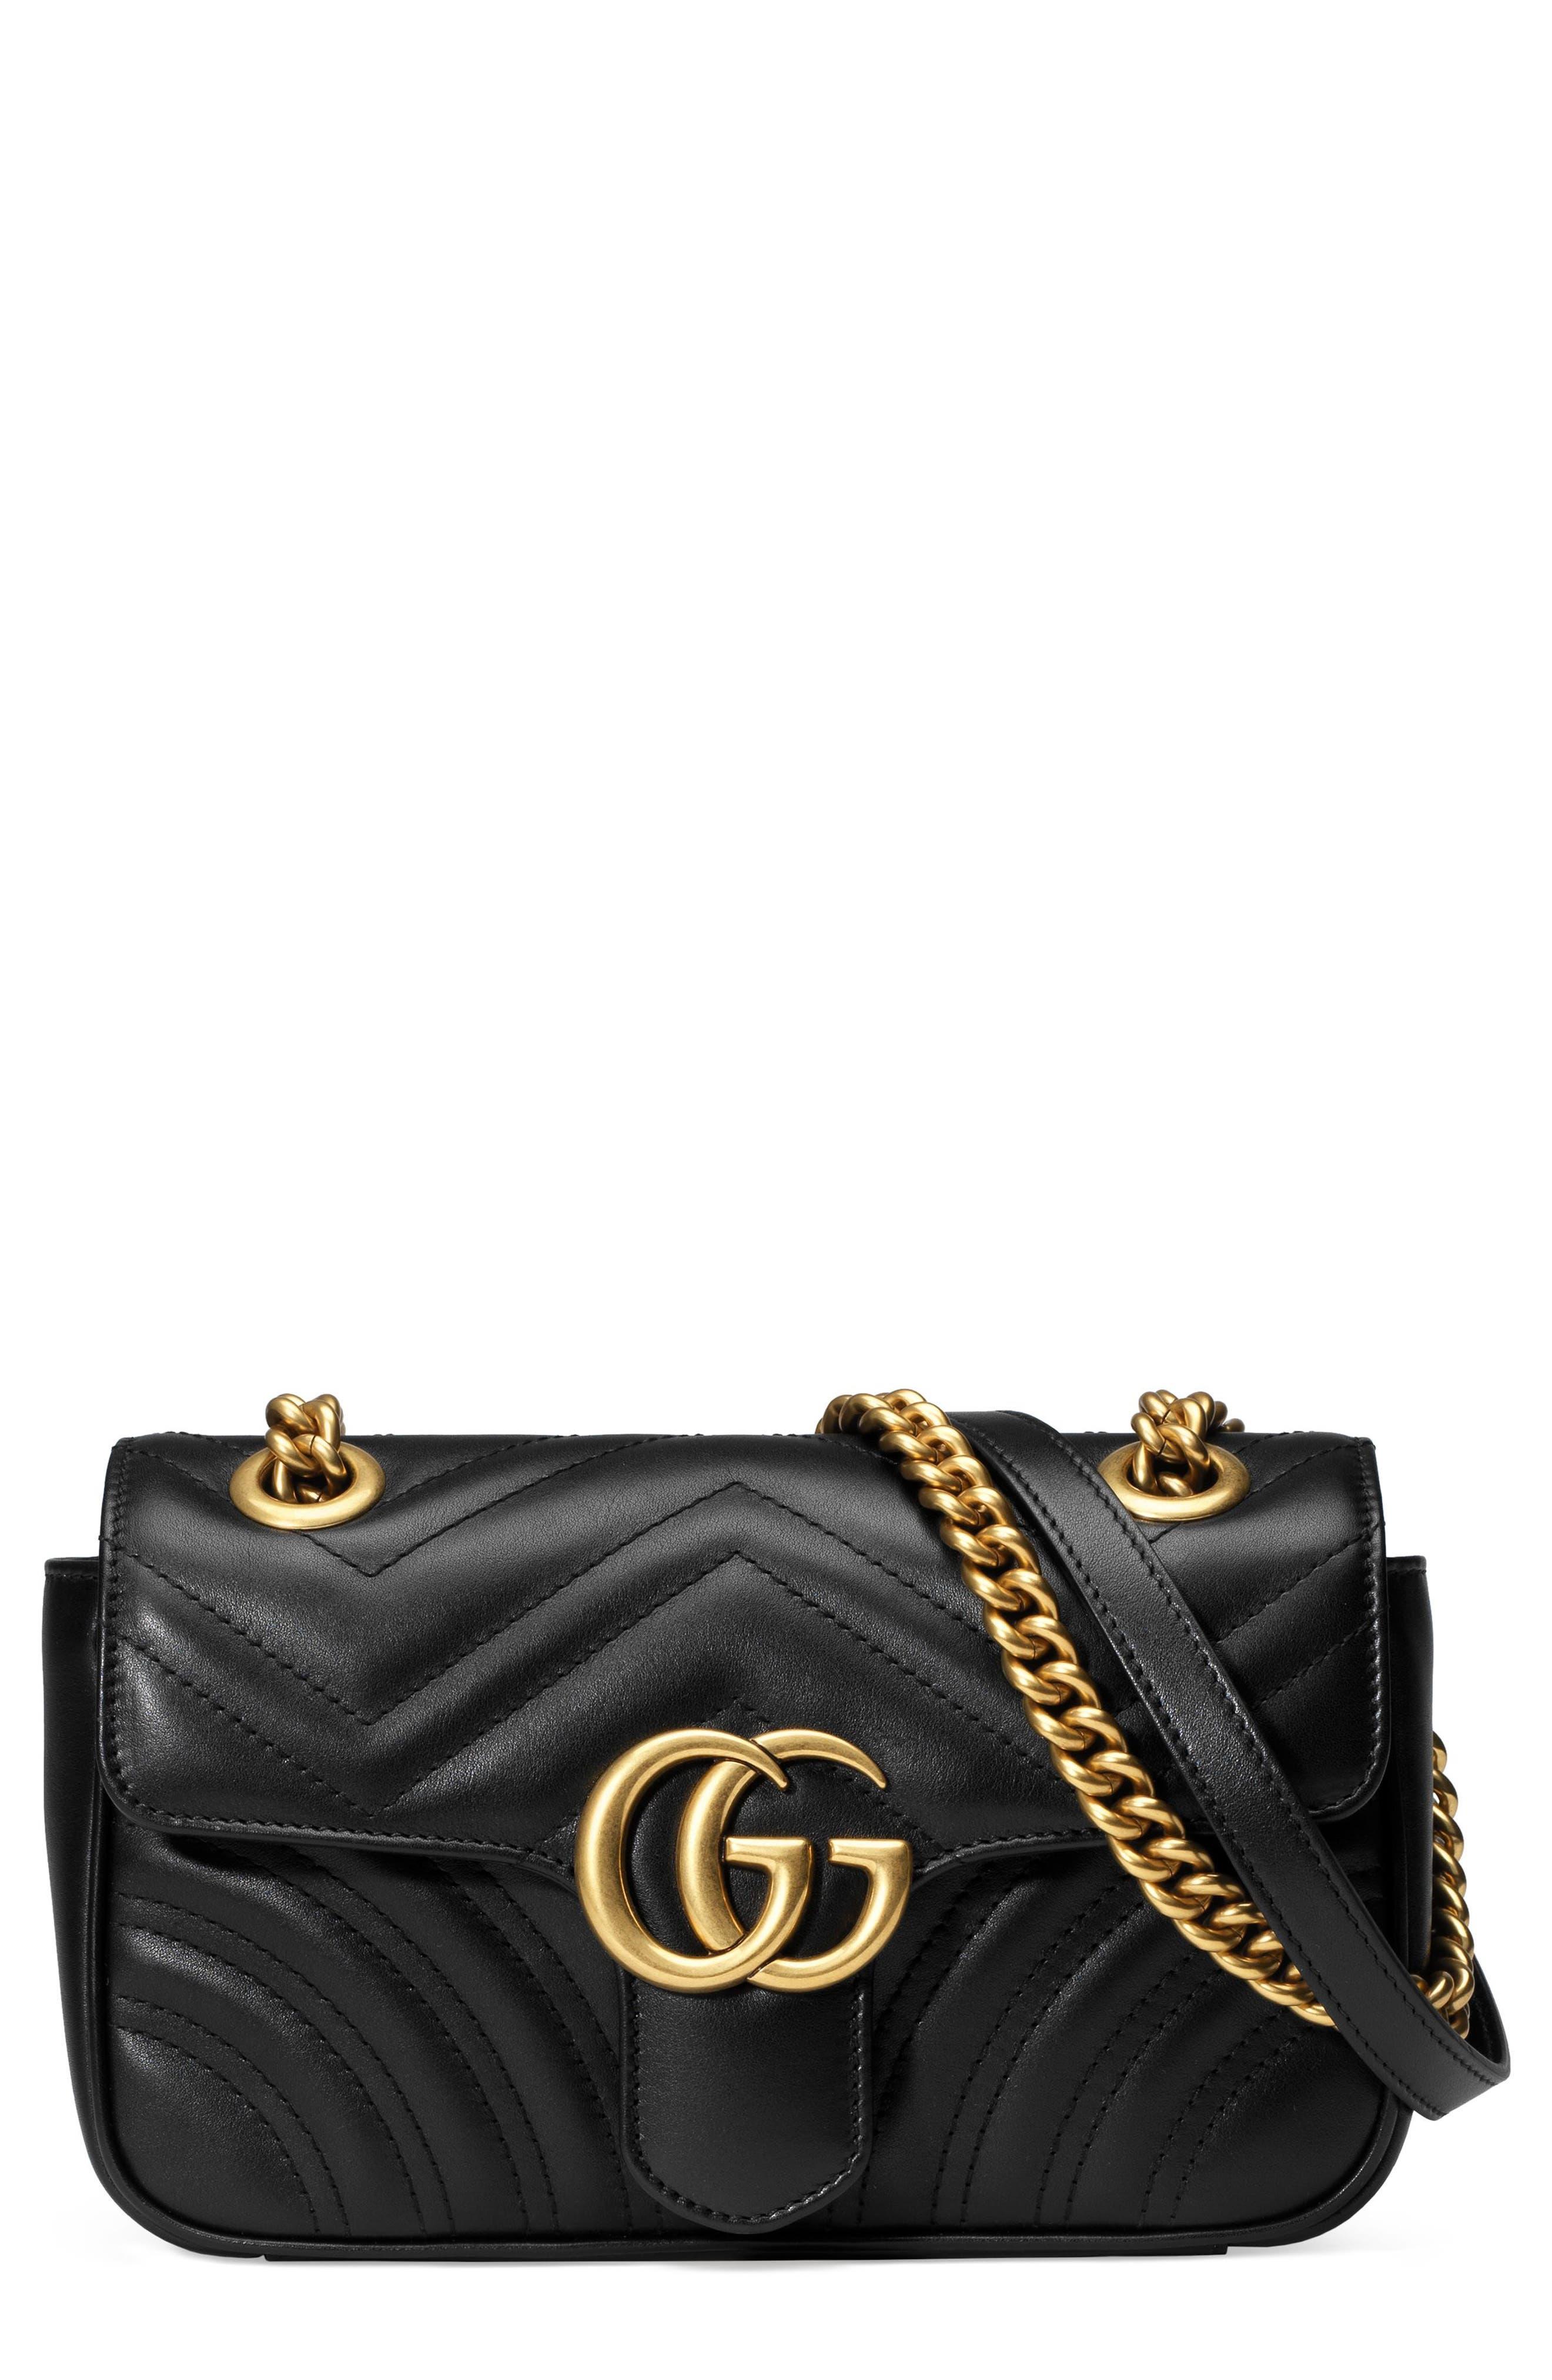 Women\u0027s Gucci Handbags